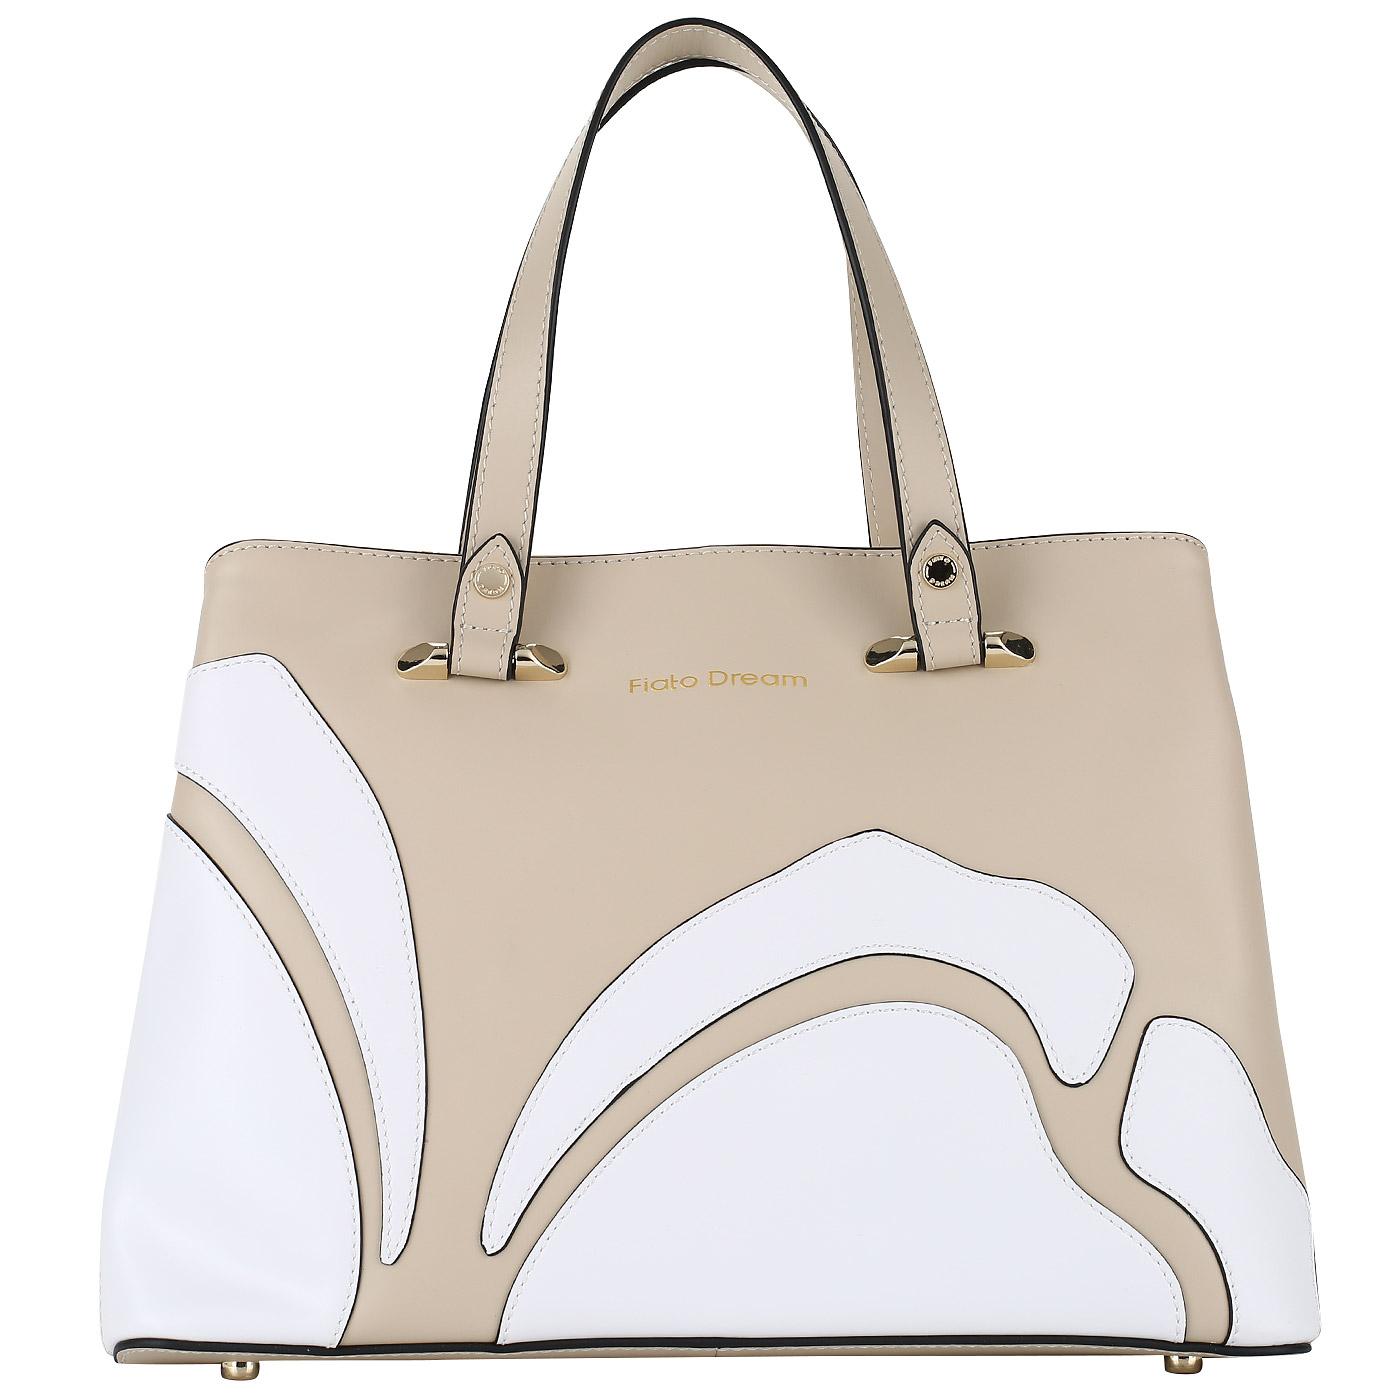 ef5cf92f2d1f Женская сумка из натуральной кожи с декором Fiato Dream 1120 FD ...